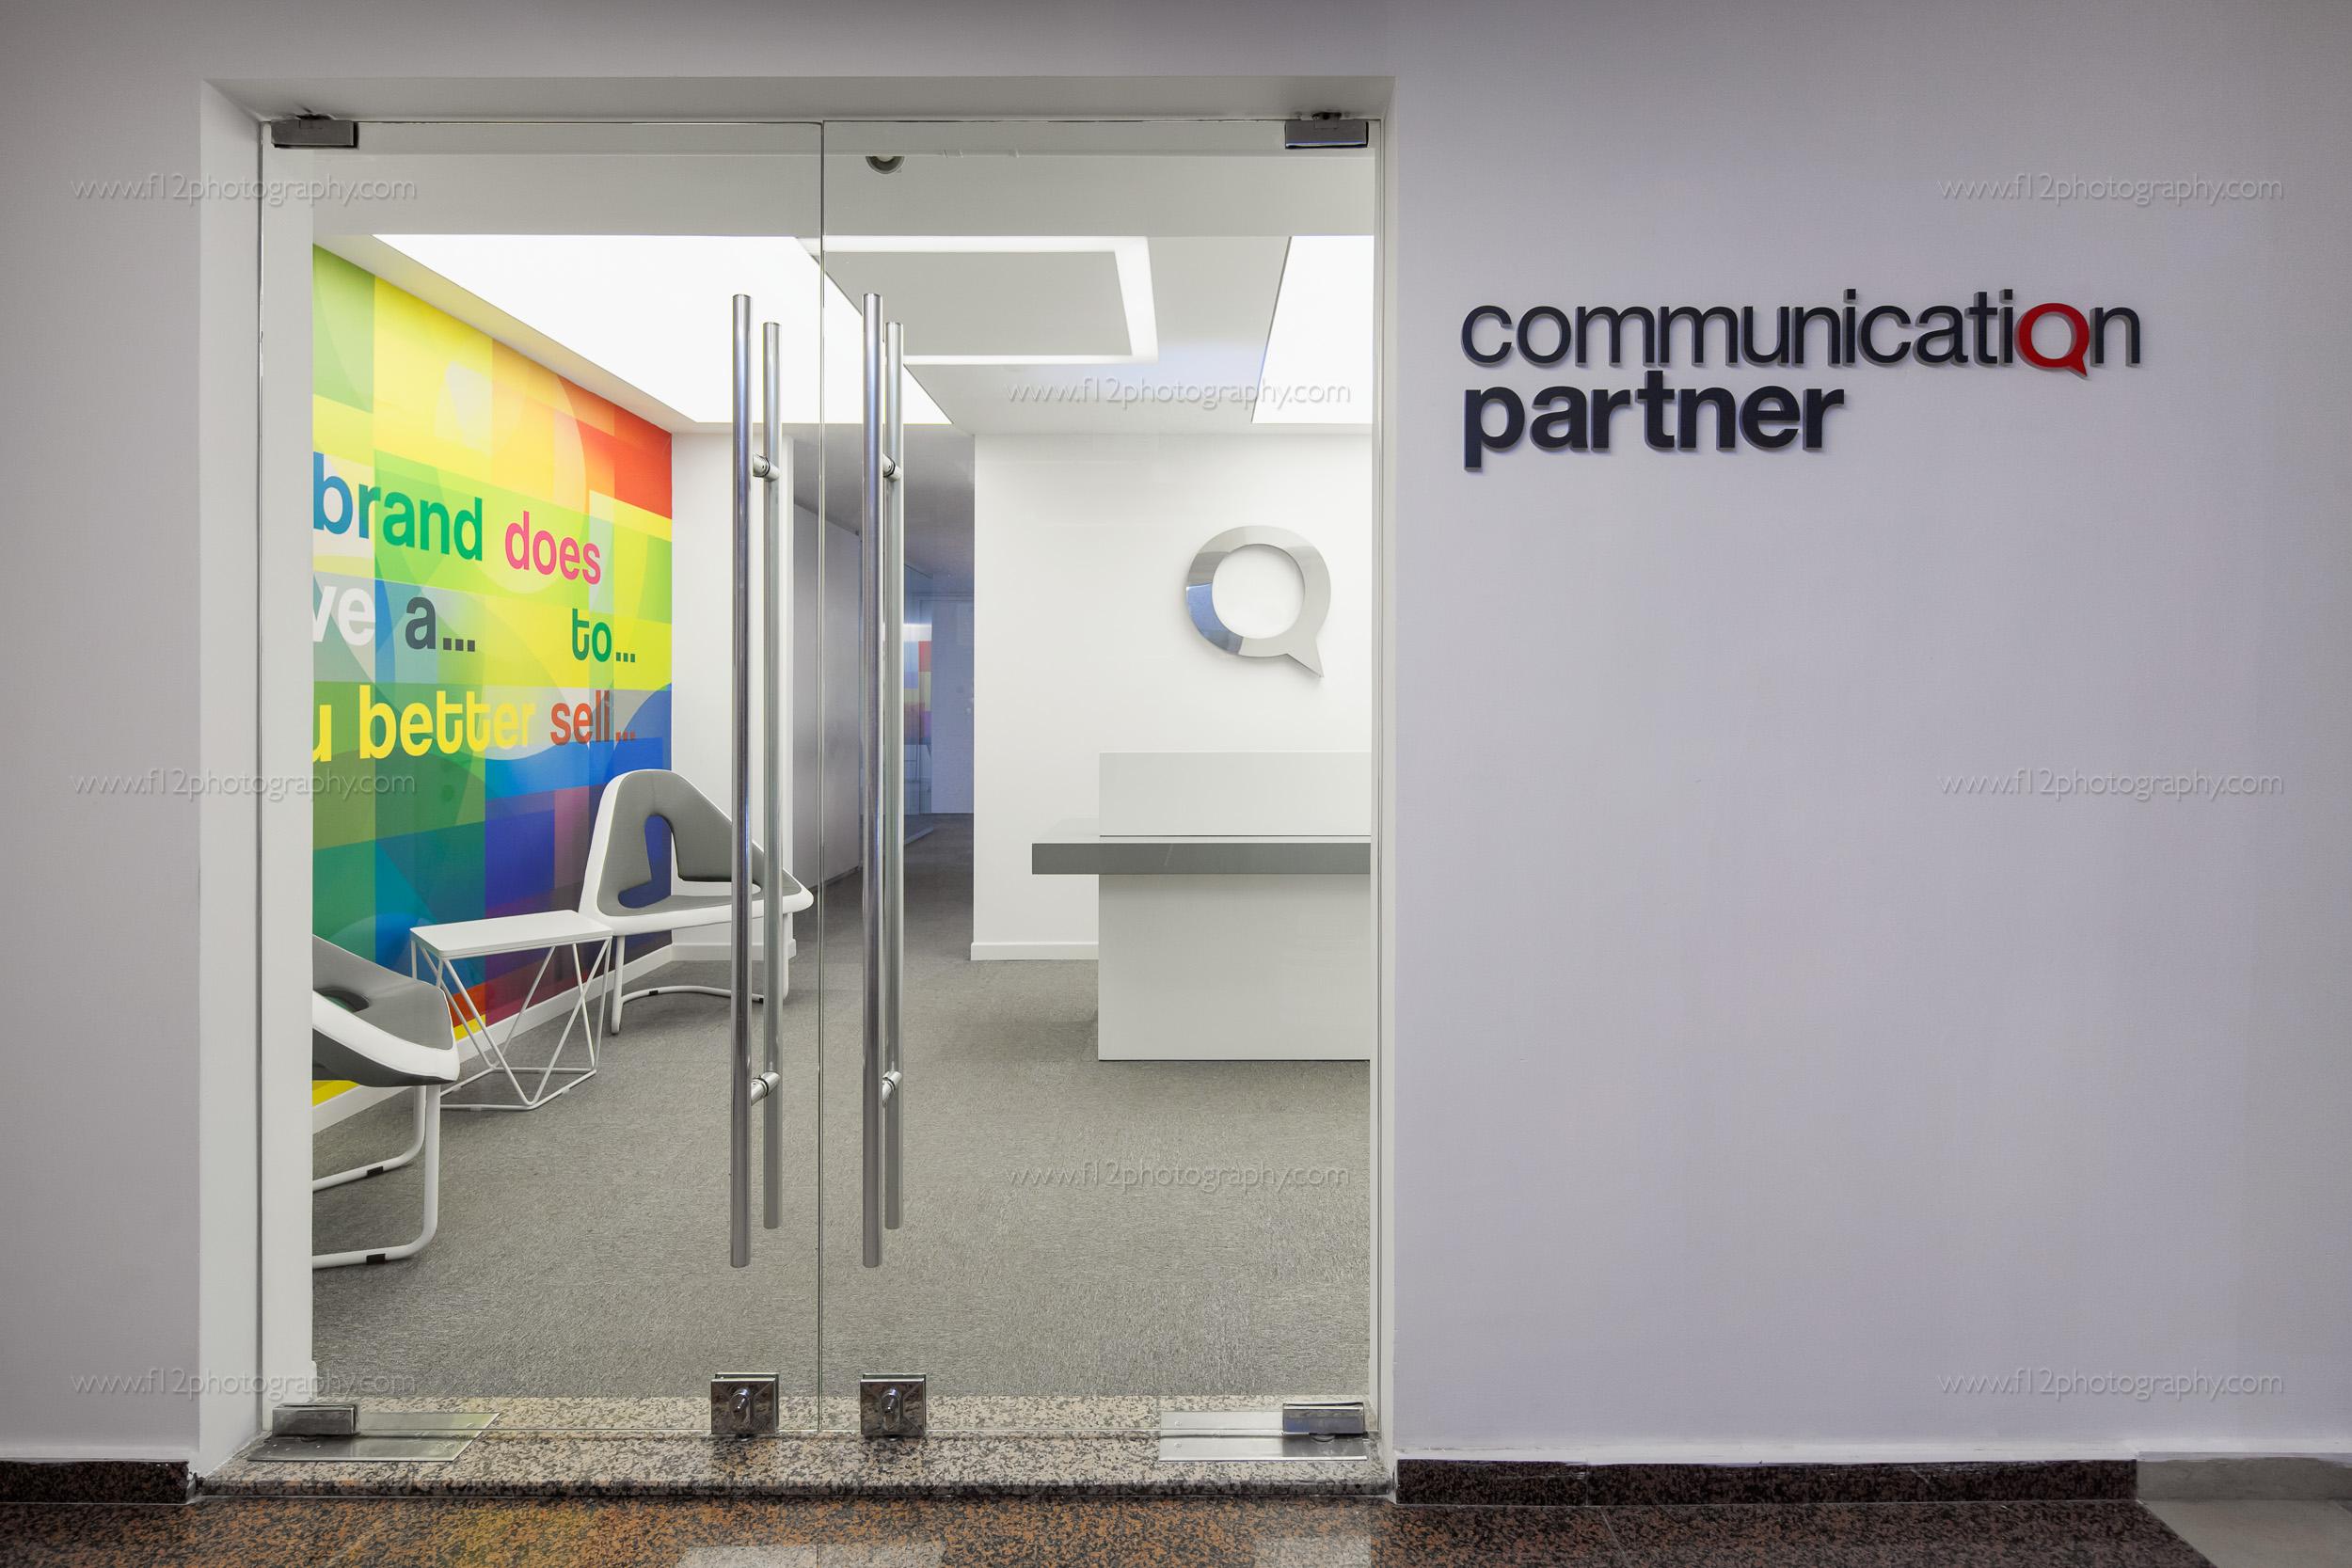 f12-CommunicationPartner-17.jpg